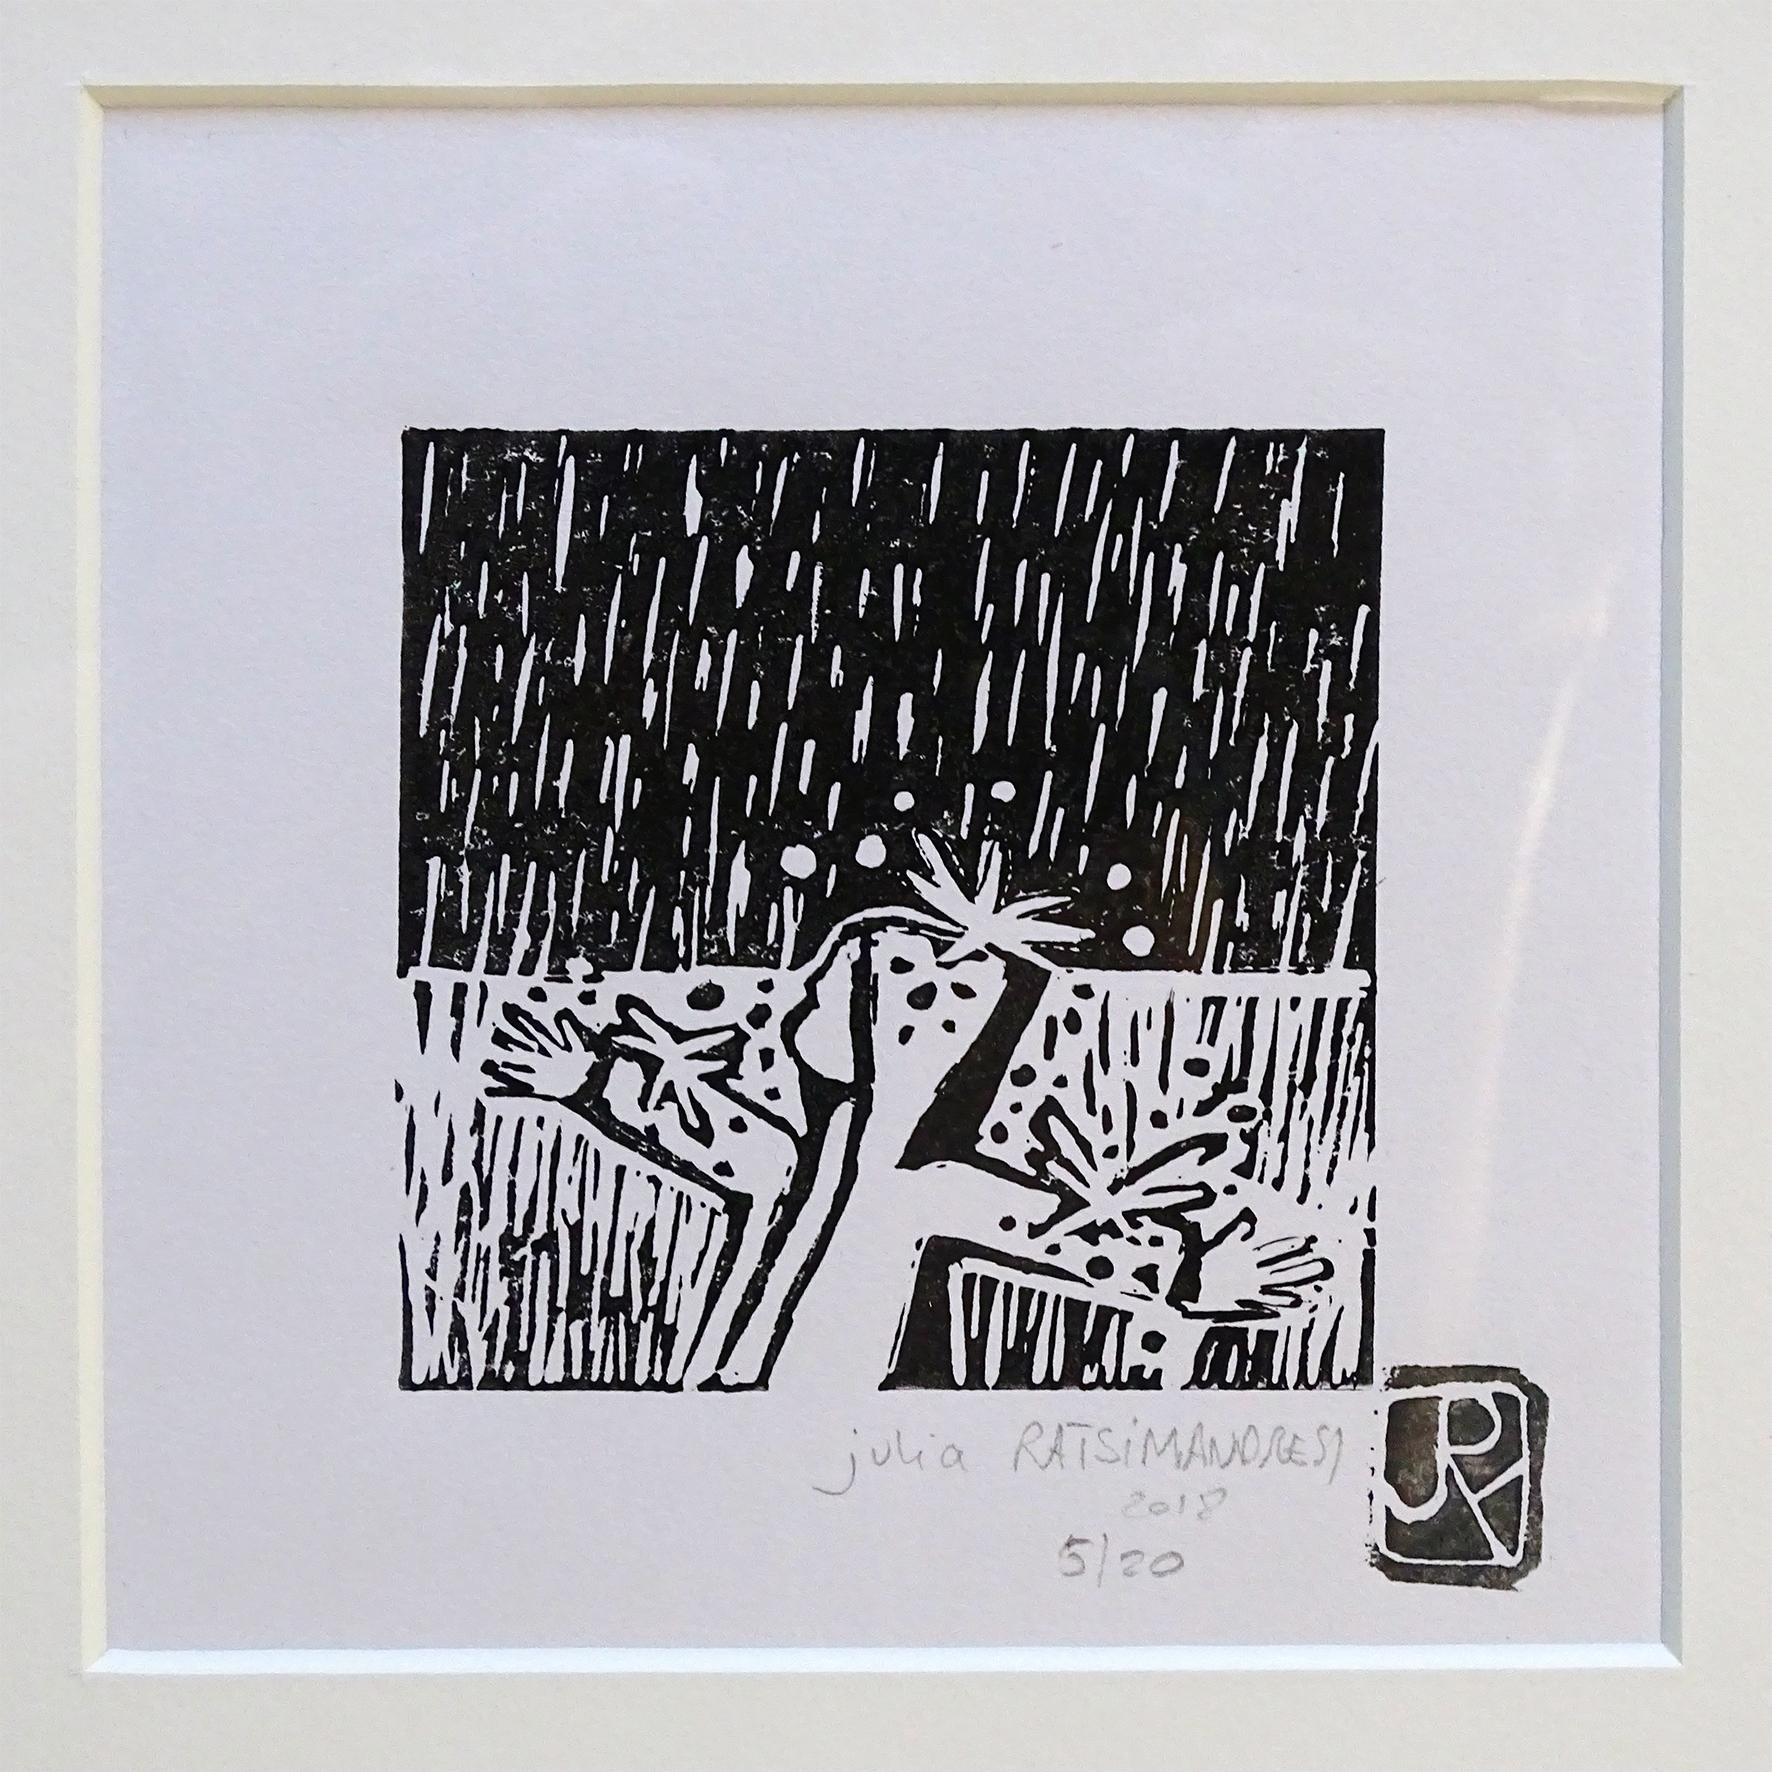 """""""Vive la pluie II"""" ©Julia Ratsimandresy / Linogravure encre noire sur papier, tirage 5/20 signée / 50€ hors fdp"""